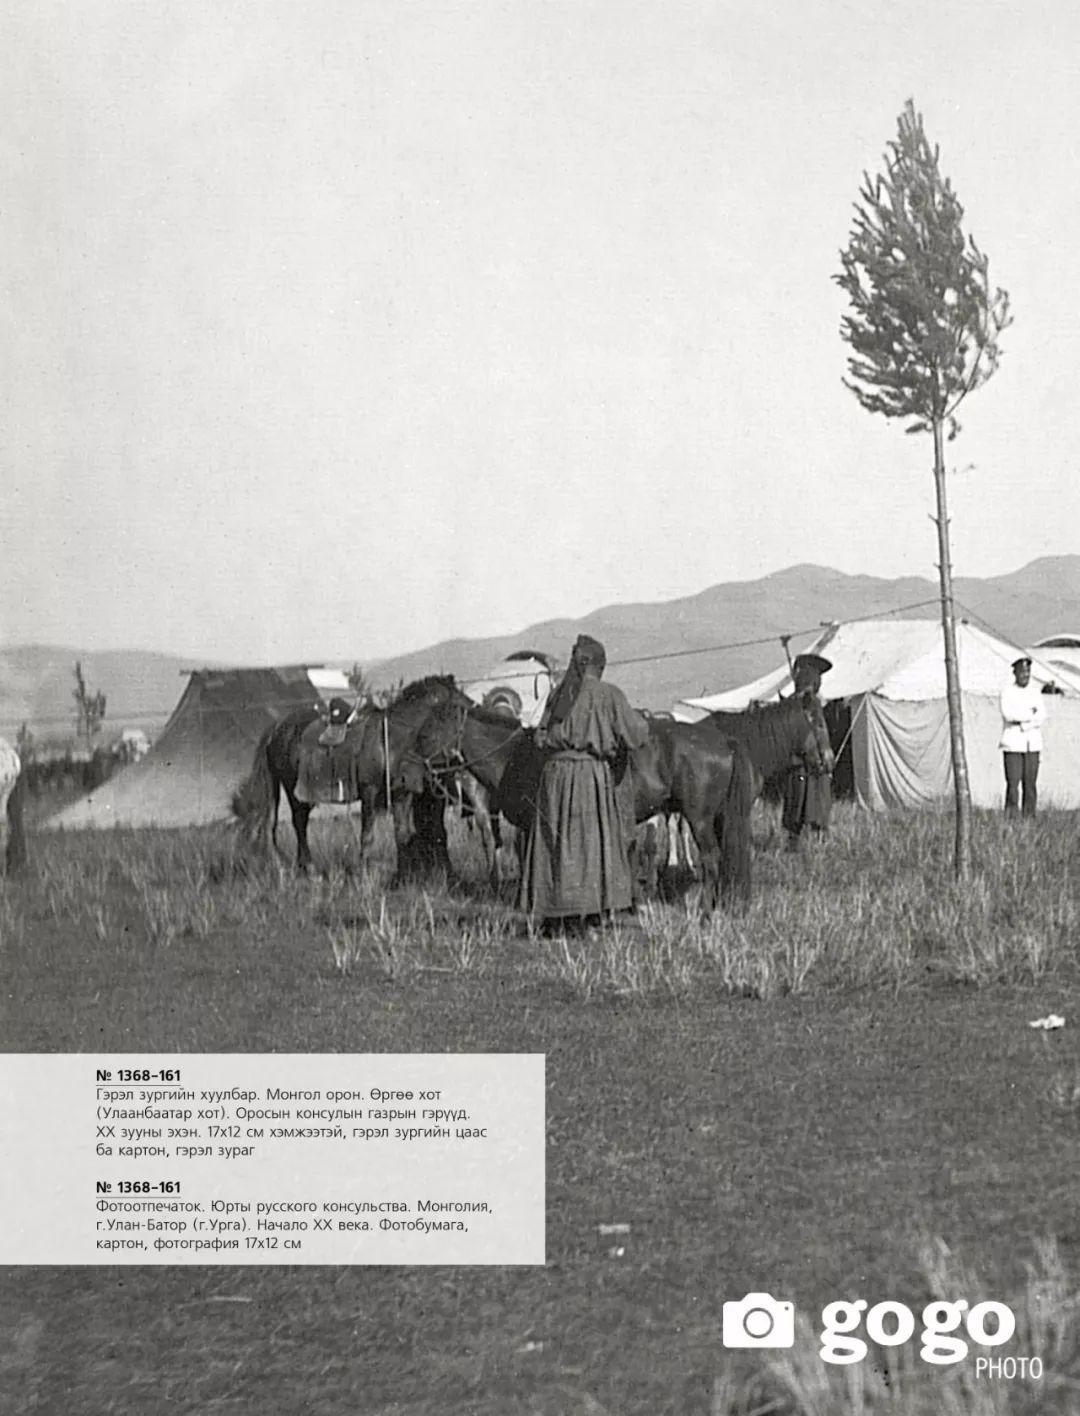 【印迹】定格19 世纪初蒙古人 —— 贵族的帐篷 第2张